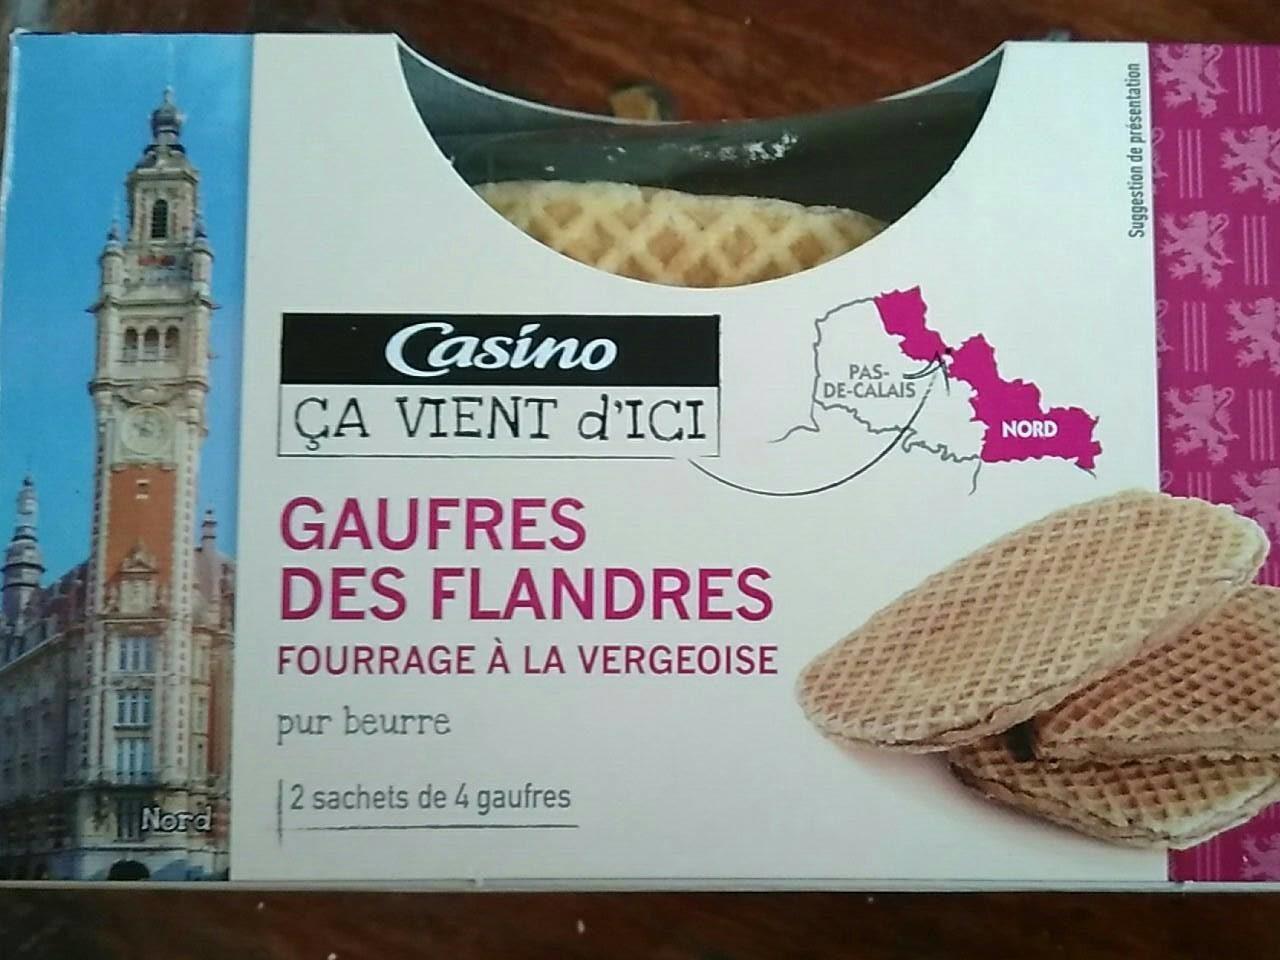 Gaufres des Flandres fourrage à la vergeoise - Product - fr